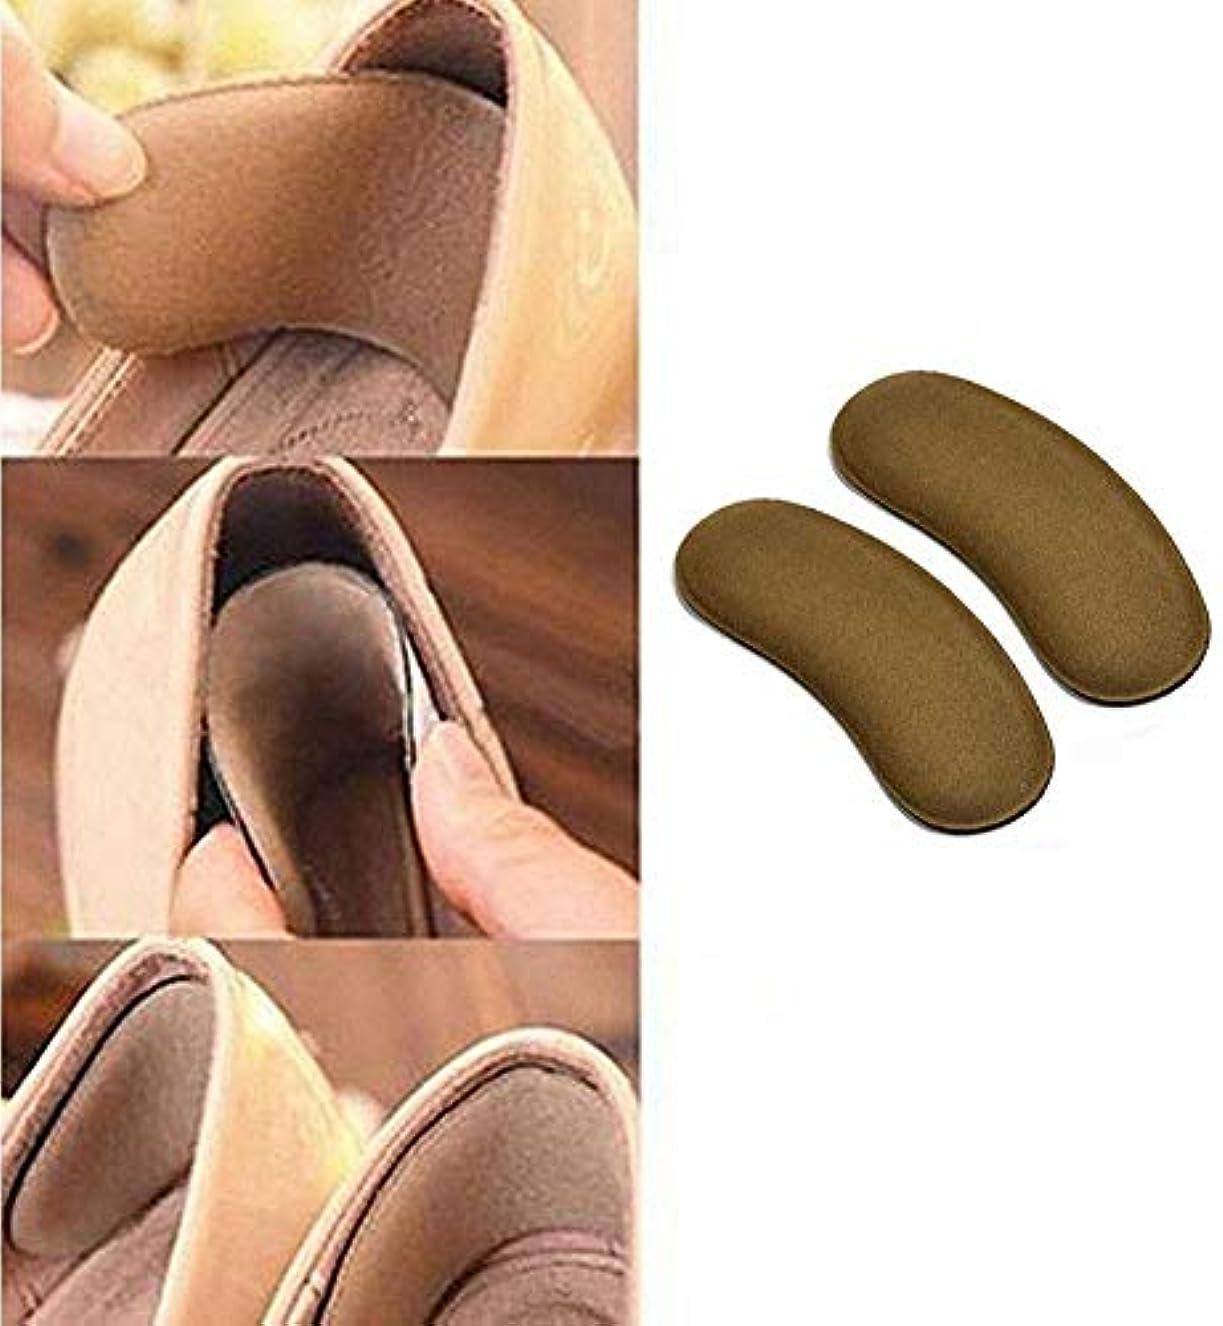 無傷挨拶する不明瞭ヒールパッド付きパッドライニング、高いヒールパッドのライニングの靴のライニング緩い靴、改善された靴のフィット感と快適さのために、水ぶくれが大きすぎる、ユーチューブーチューブニセックス防止の5組